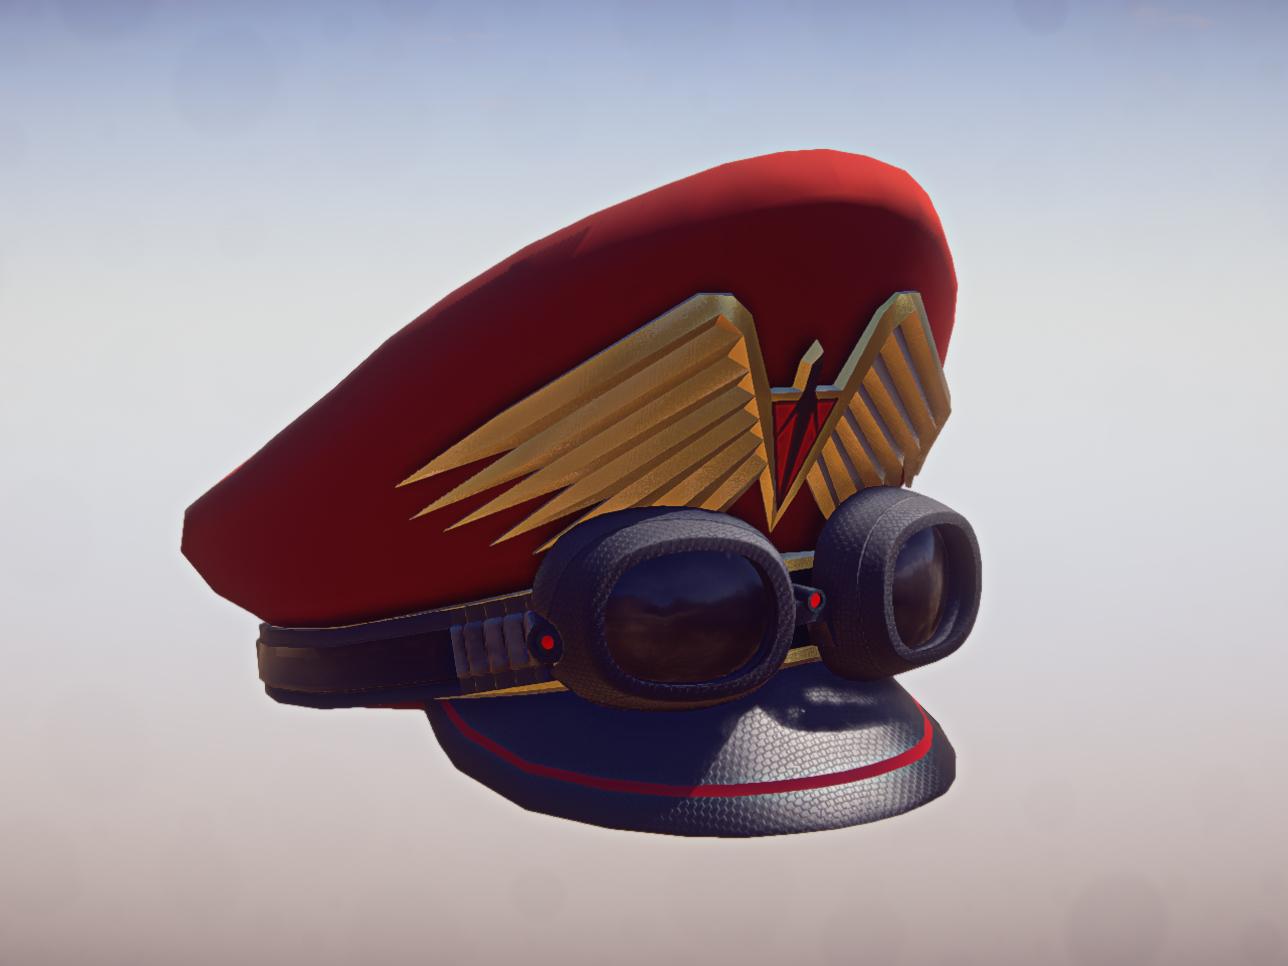 comissar hat